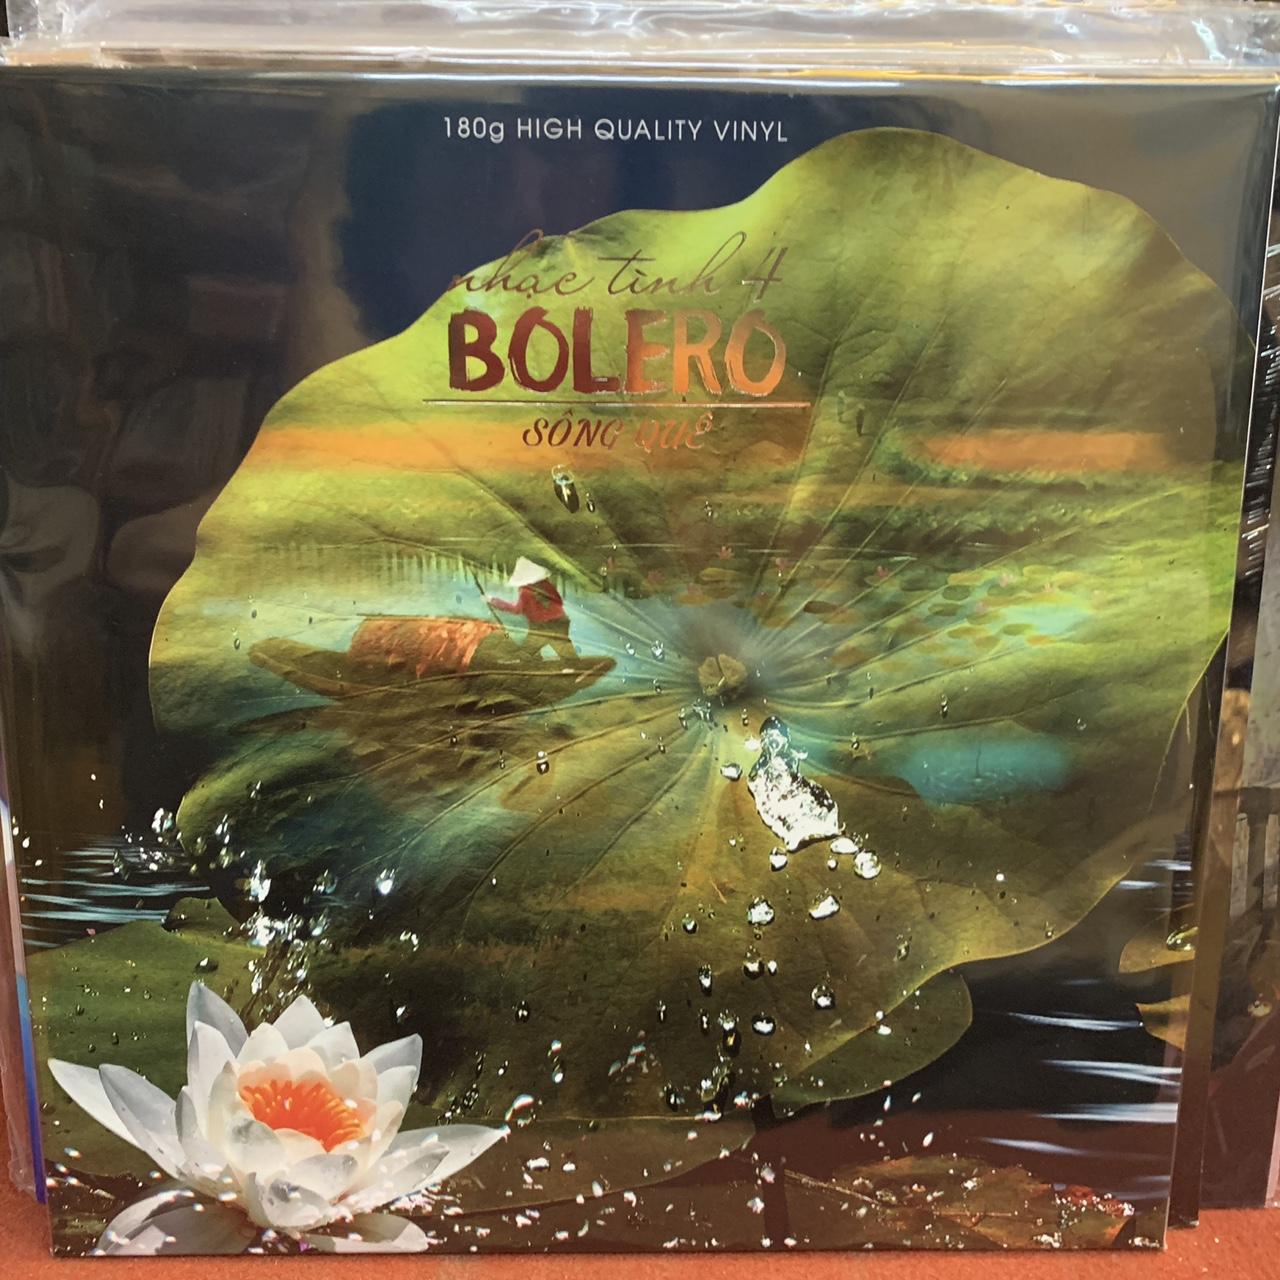 lp-nhac-tinh-bolero-4-song-que